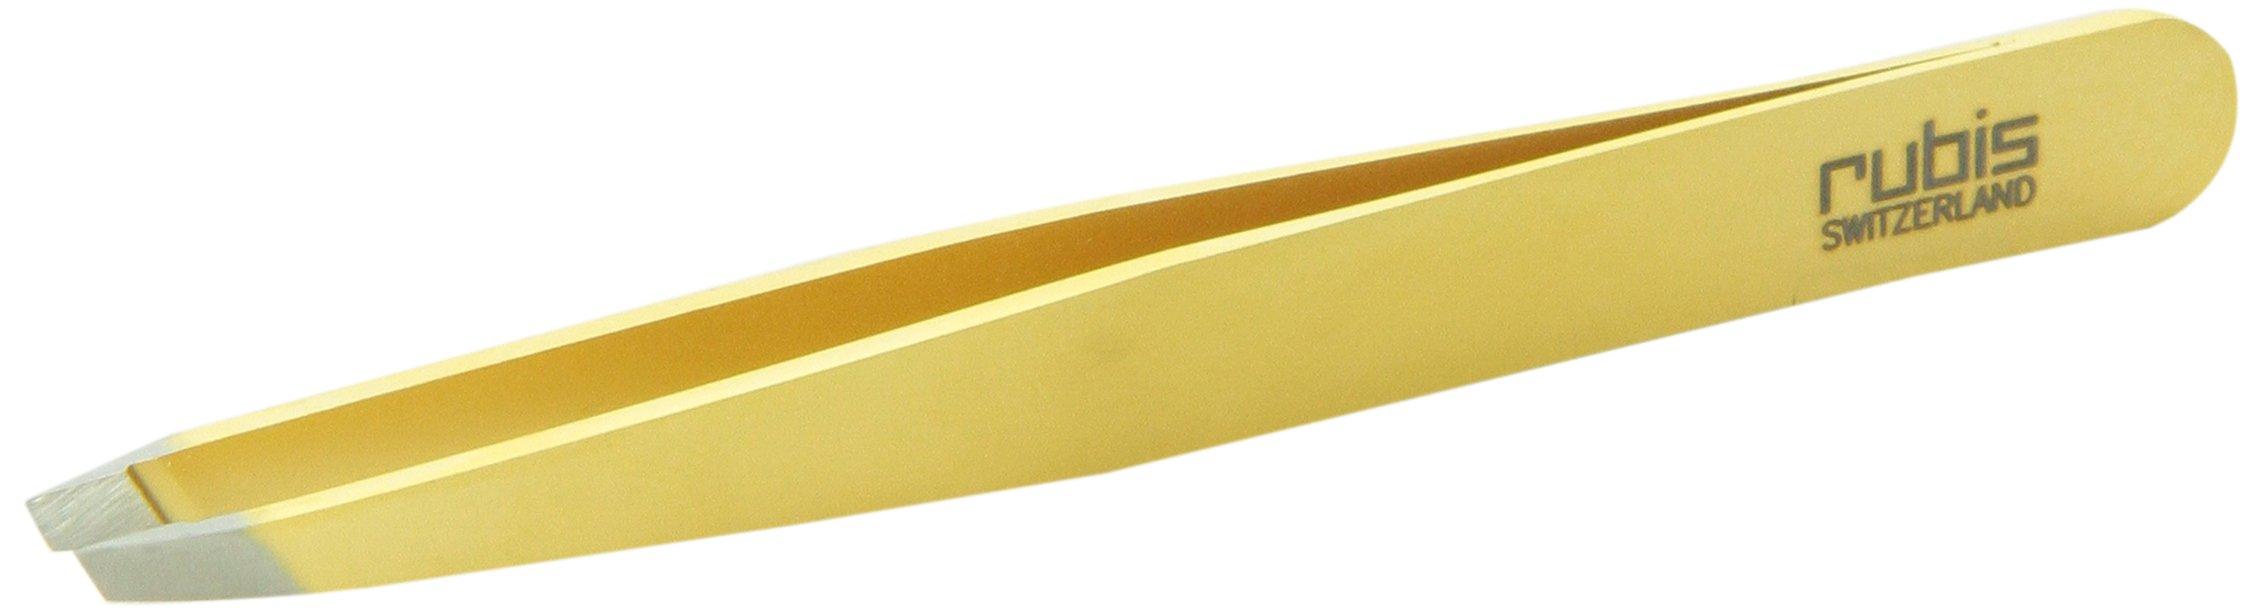 Rubis Switzerland Slanted Tip Tweezer, Gold by Rubis Switzerland